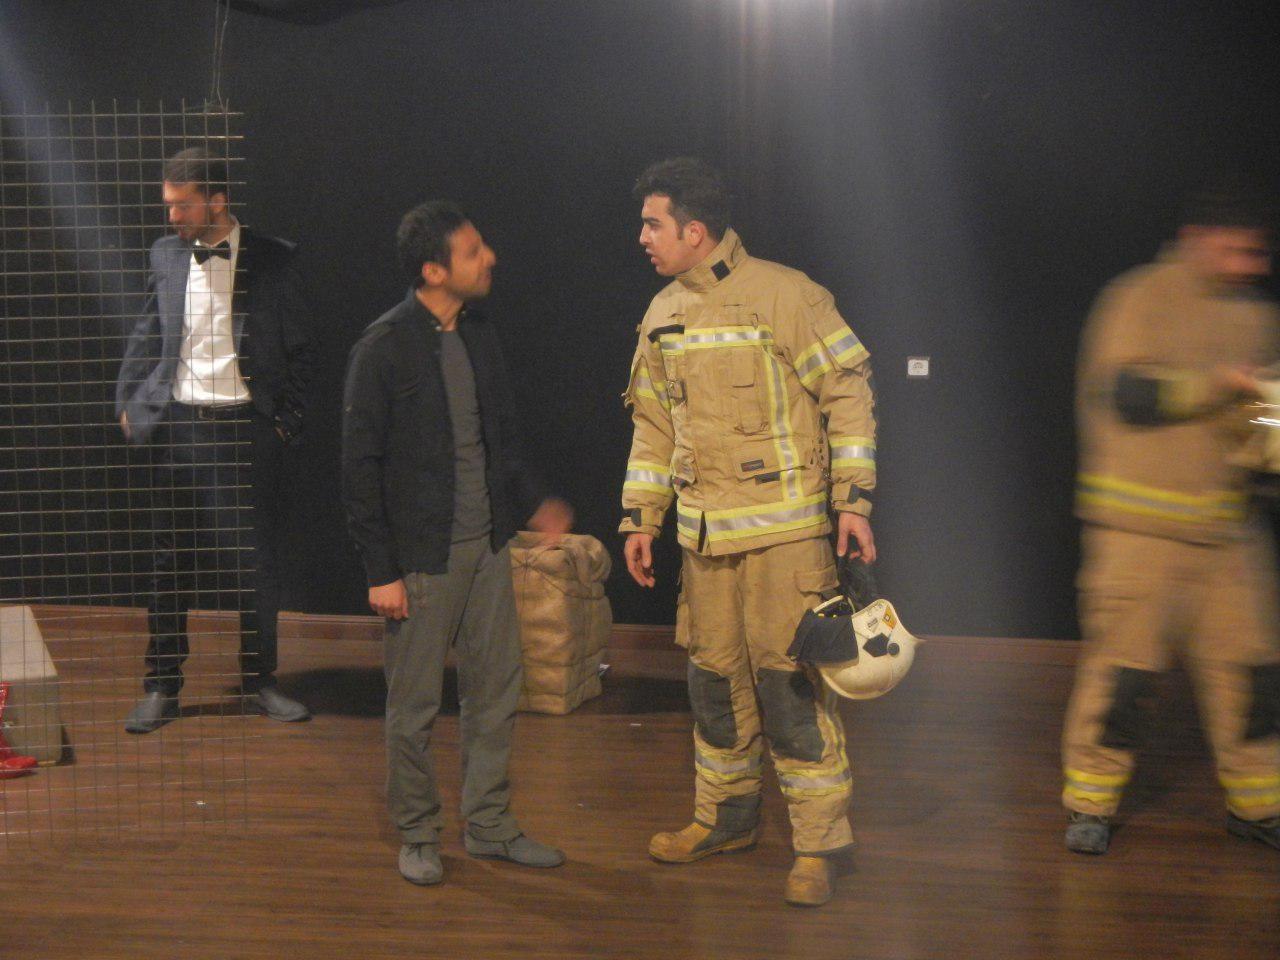 وقتی اندوه بزرگ آتشنشانان، مسیر یک گروه تئاتری را تغییر داد